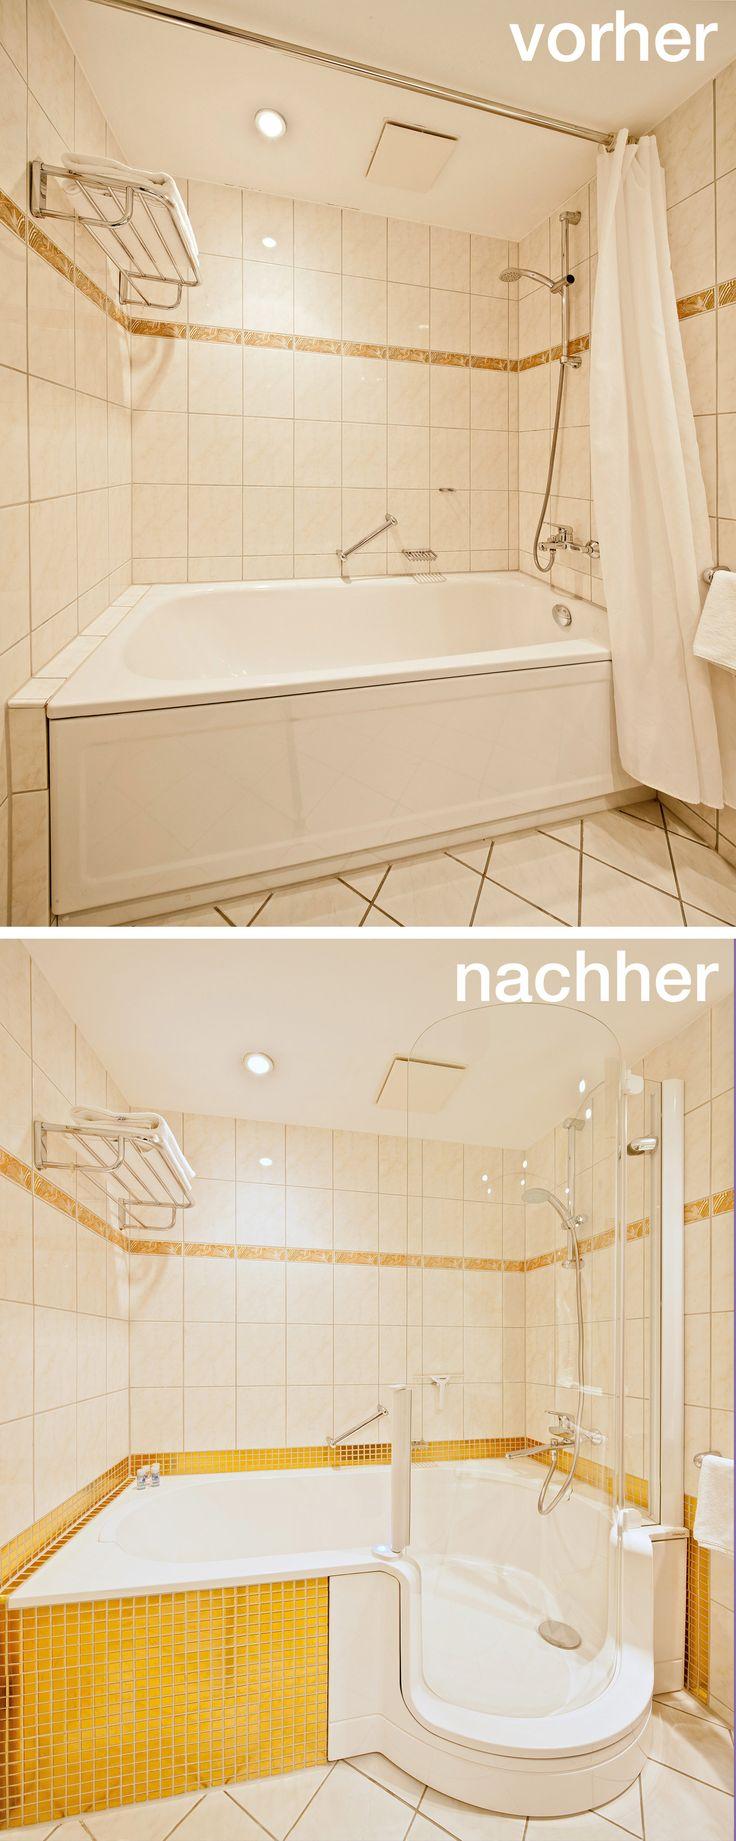 die besten 25 steinteppich verlegen ideen auf pinterest gr ne edelsteine gr ne mosaikfliesen. Black Bedroom Furniture Sets. Home Design Ideas